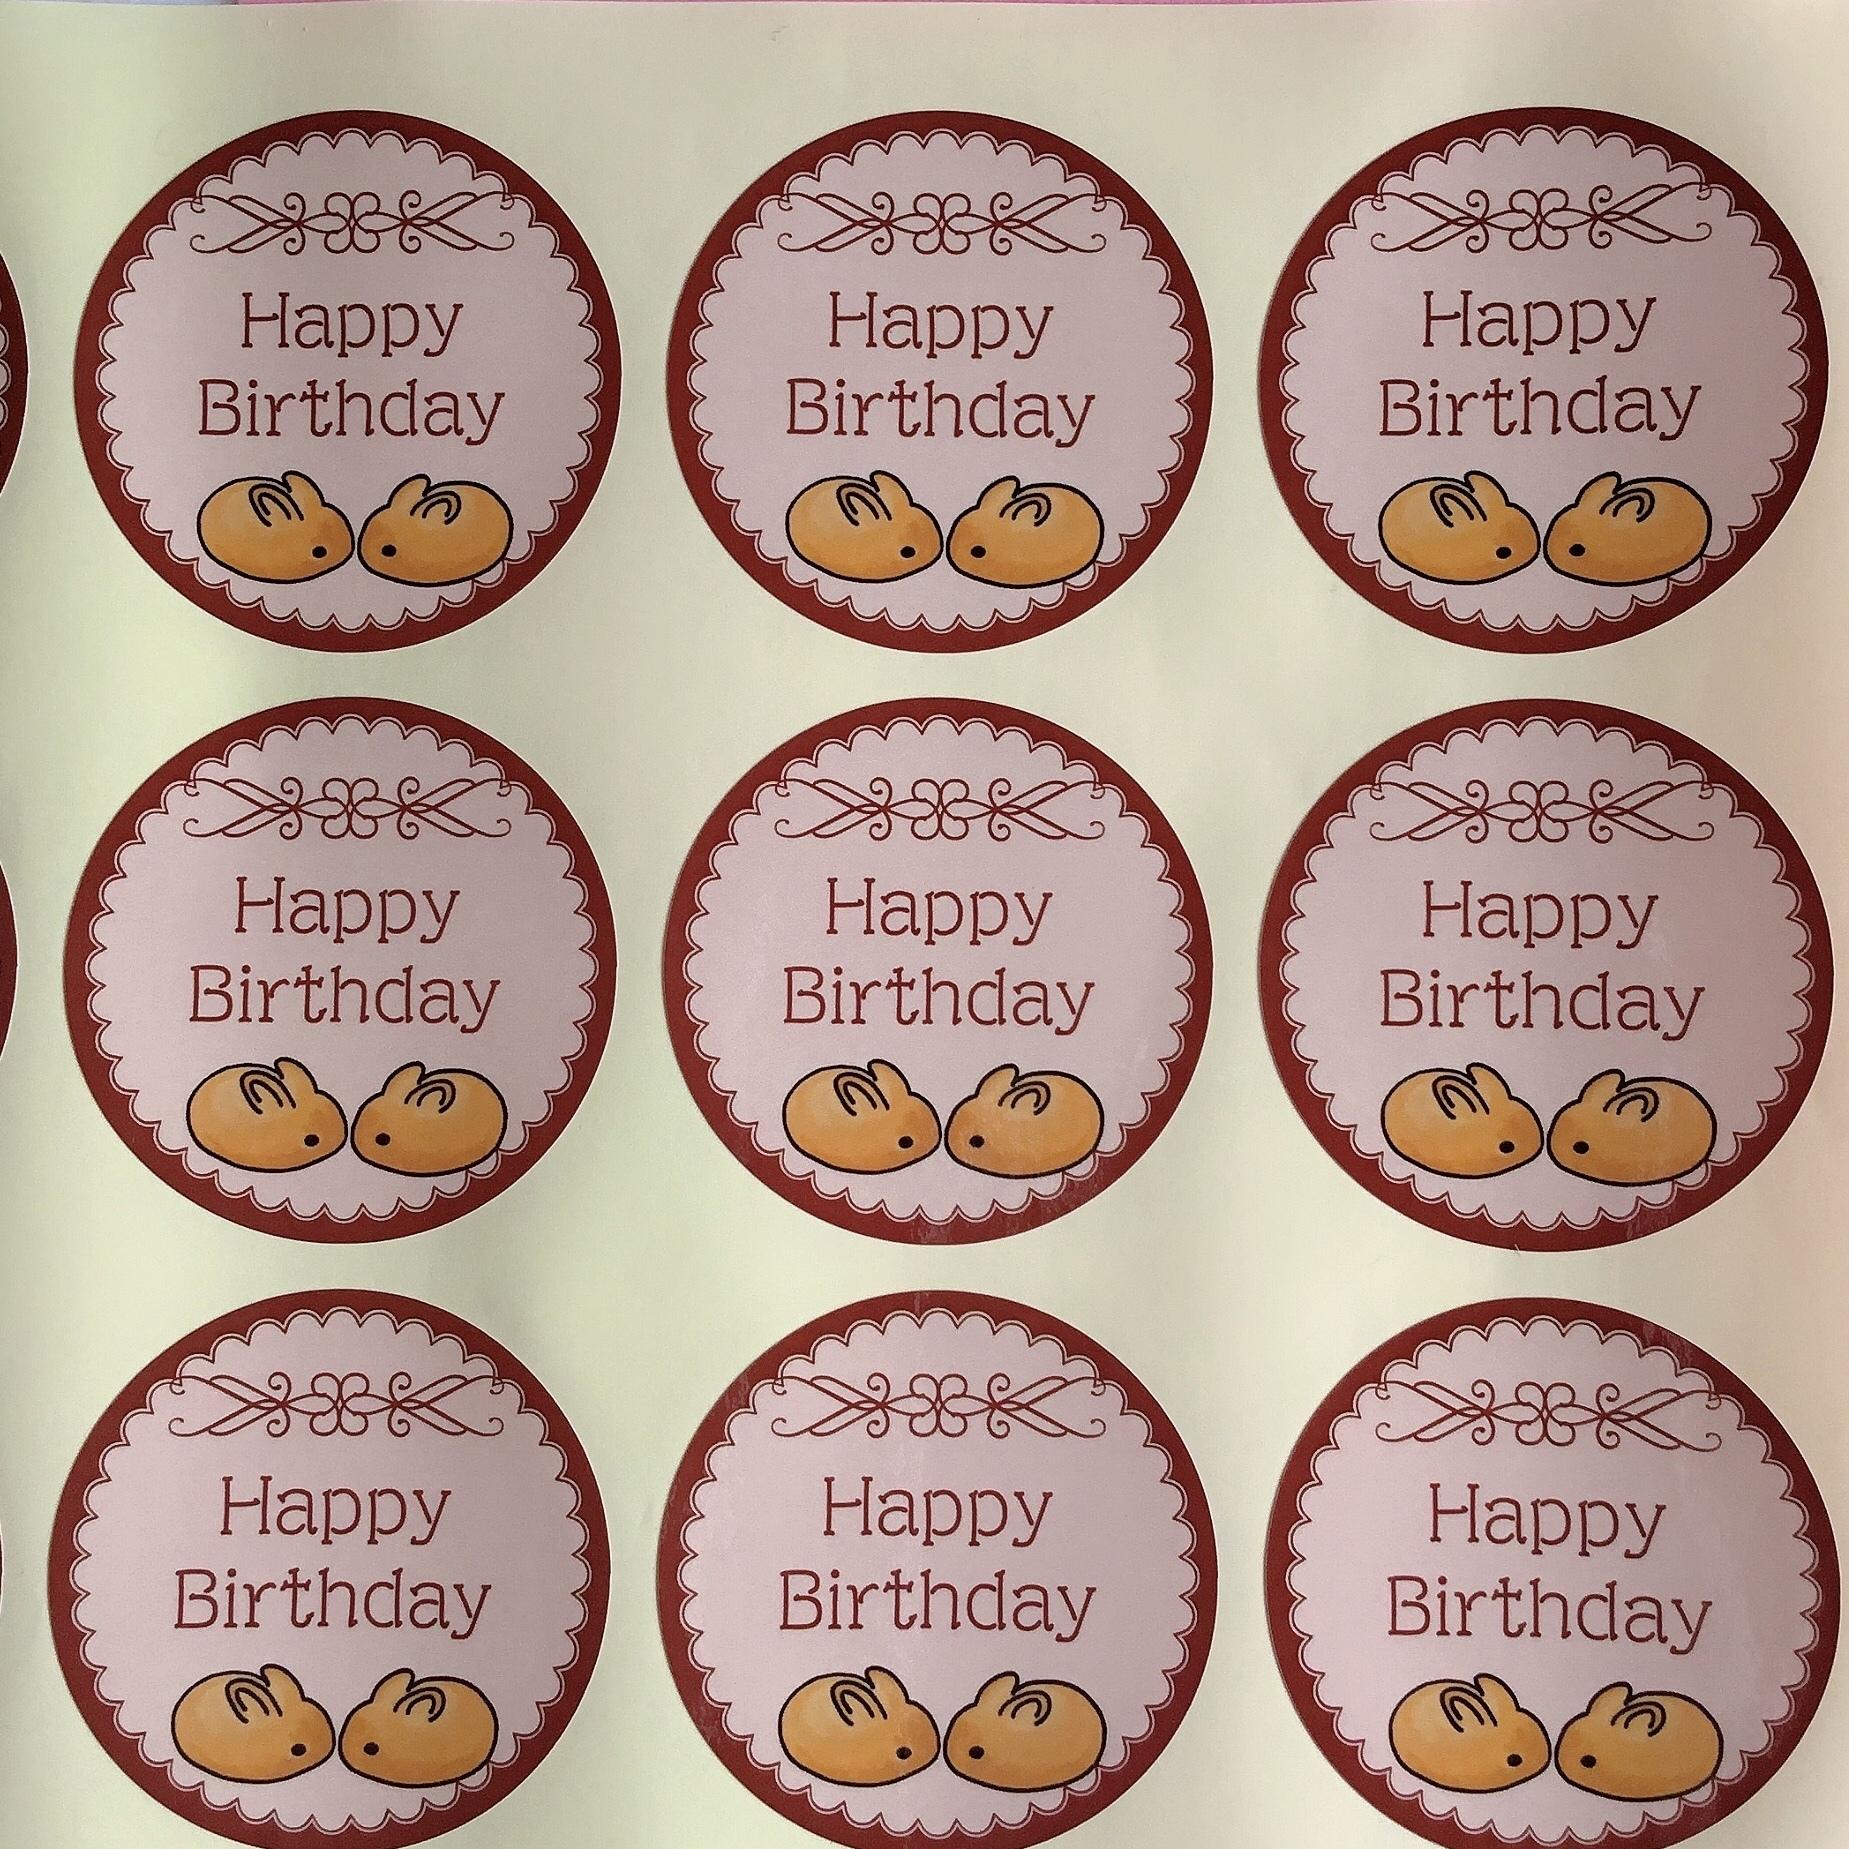 【冷蔵便】レギュラー味10羽セット(プレーン4羽、黒糖3羽、シークヮーサー3羽)(焼き菓子/フィナンシェ/お菓子ギフト)